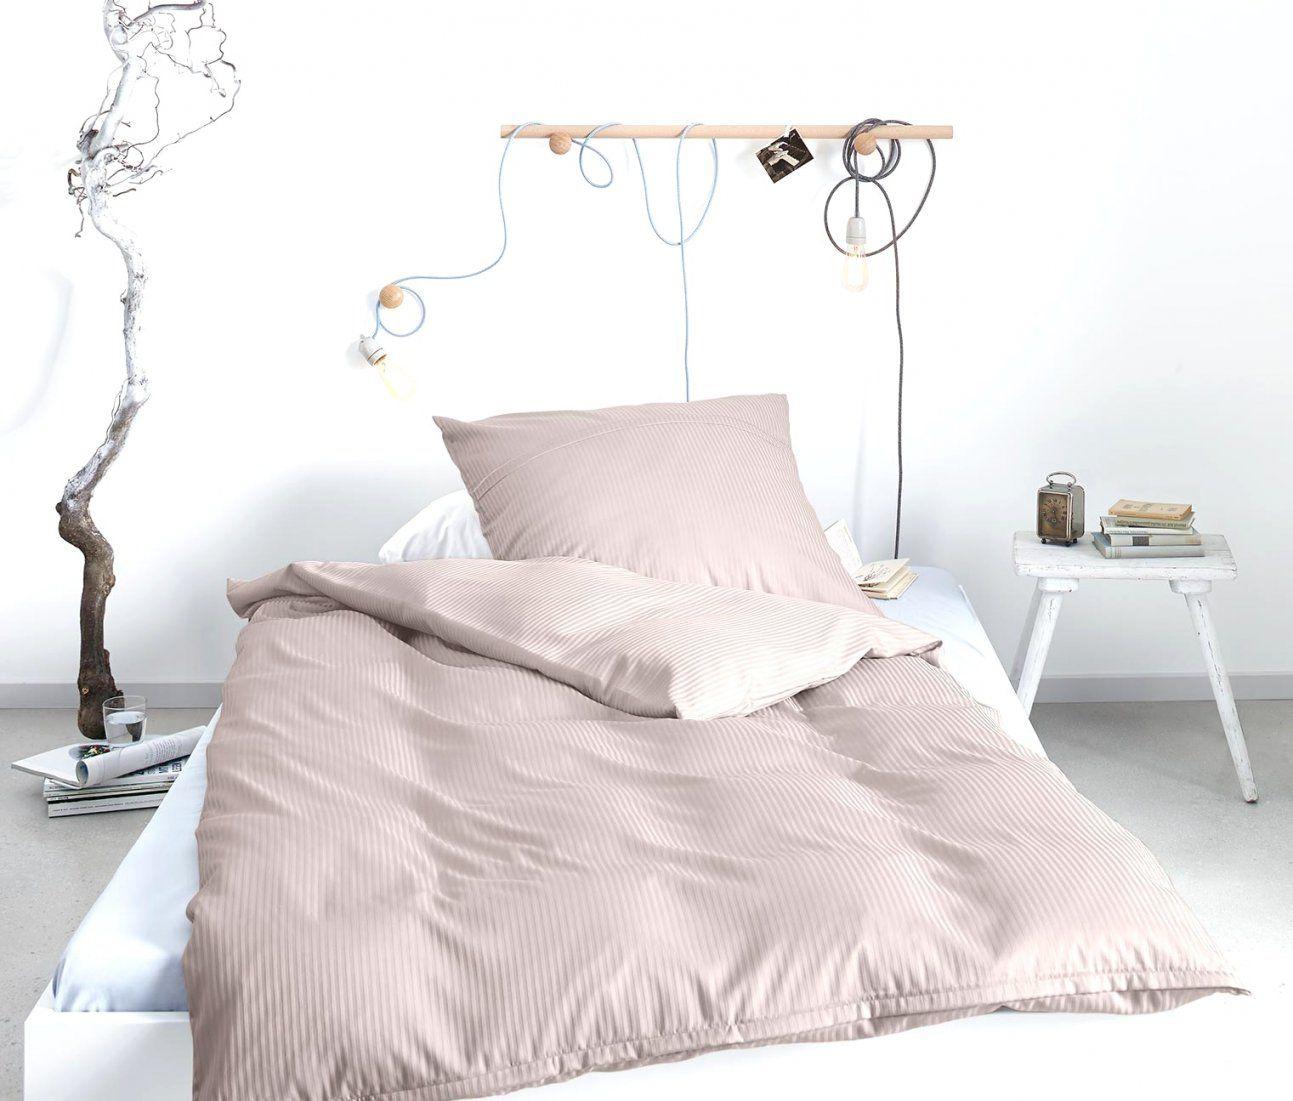 Fantastische Ideen Normale Größe Bettwäsche Und Günstige Maße Home von Bettwäsche Normale Maße Bild